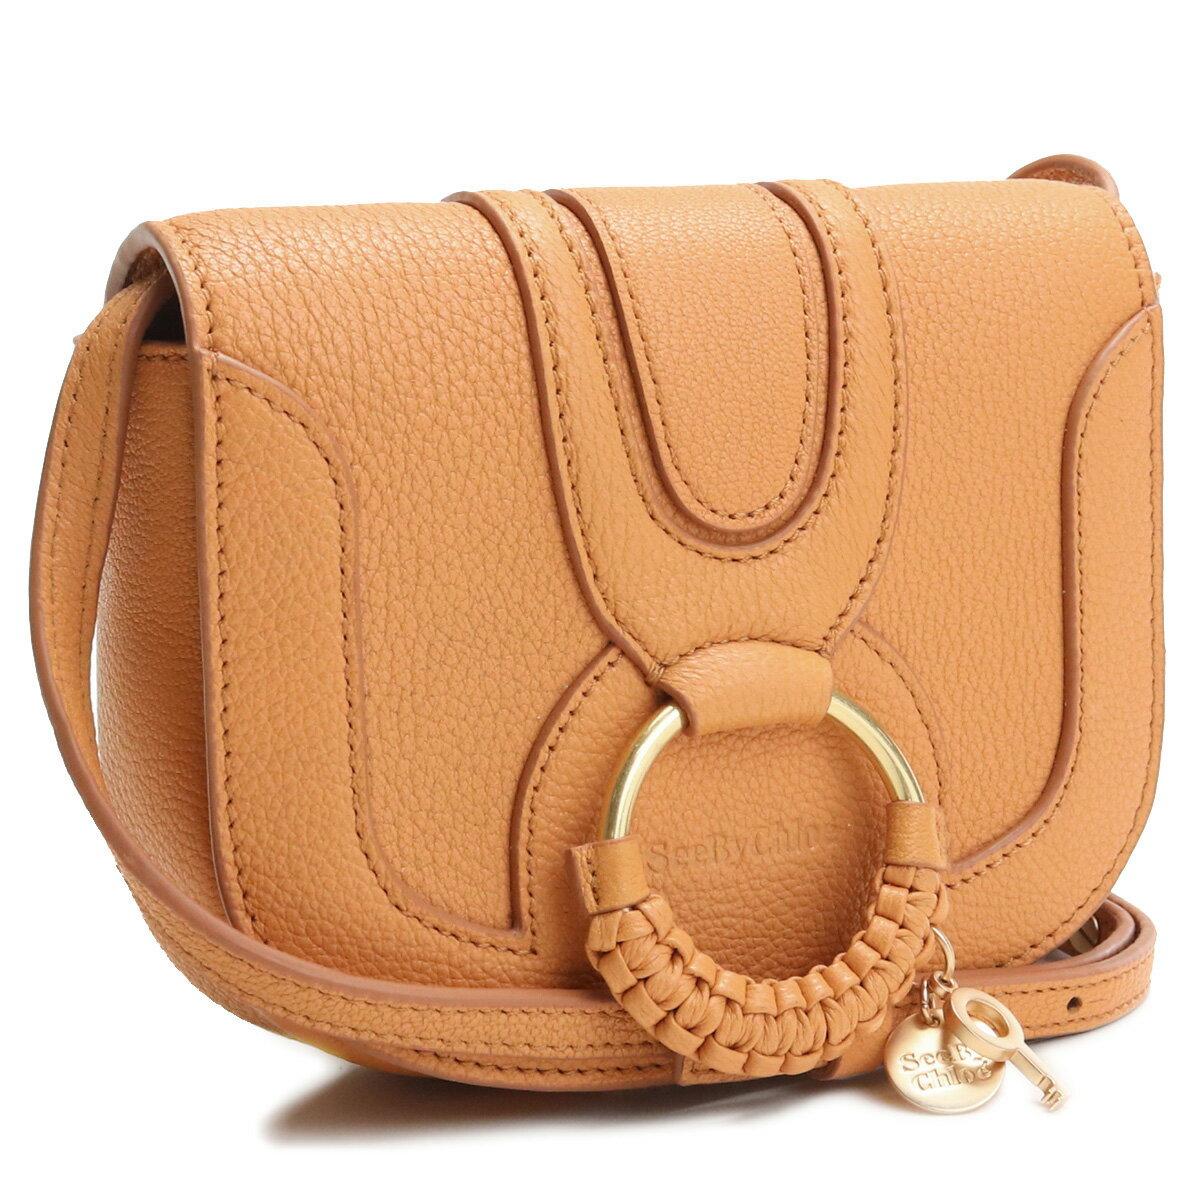 日本Yahoo代標|日本代購|日本批發-ibuy99|包包、服飾|包|女士包|單肩包/斜挎包|シーバイクロエ SEE BY CHLOE 斜め掛け ショルダーバッグ CHS17AS901305 …